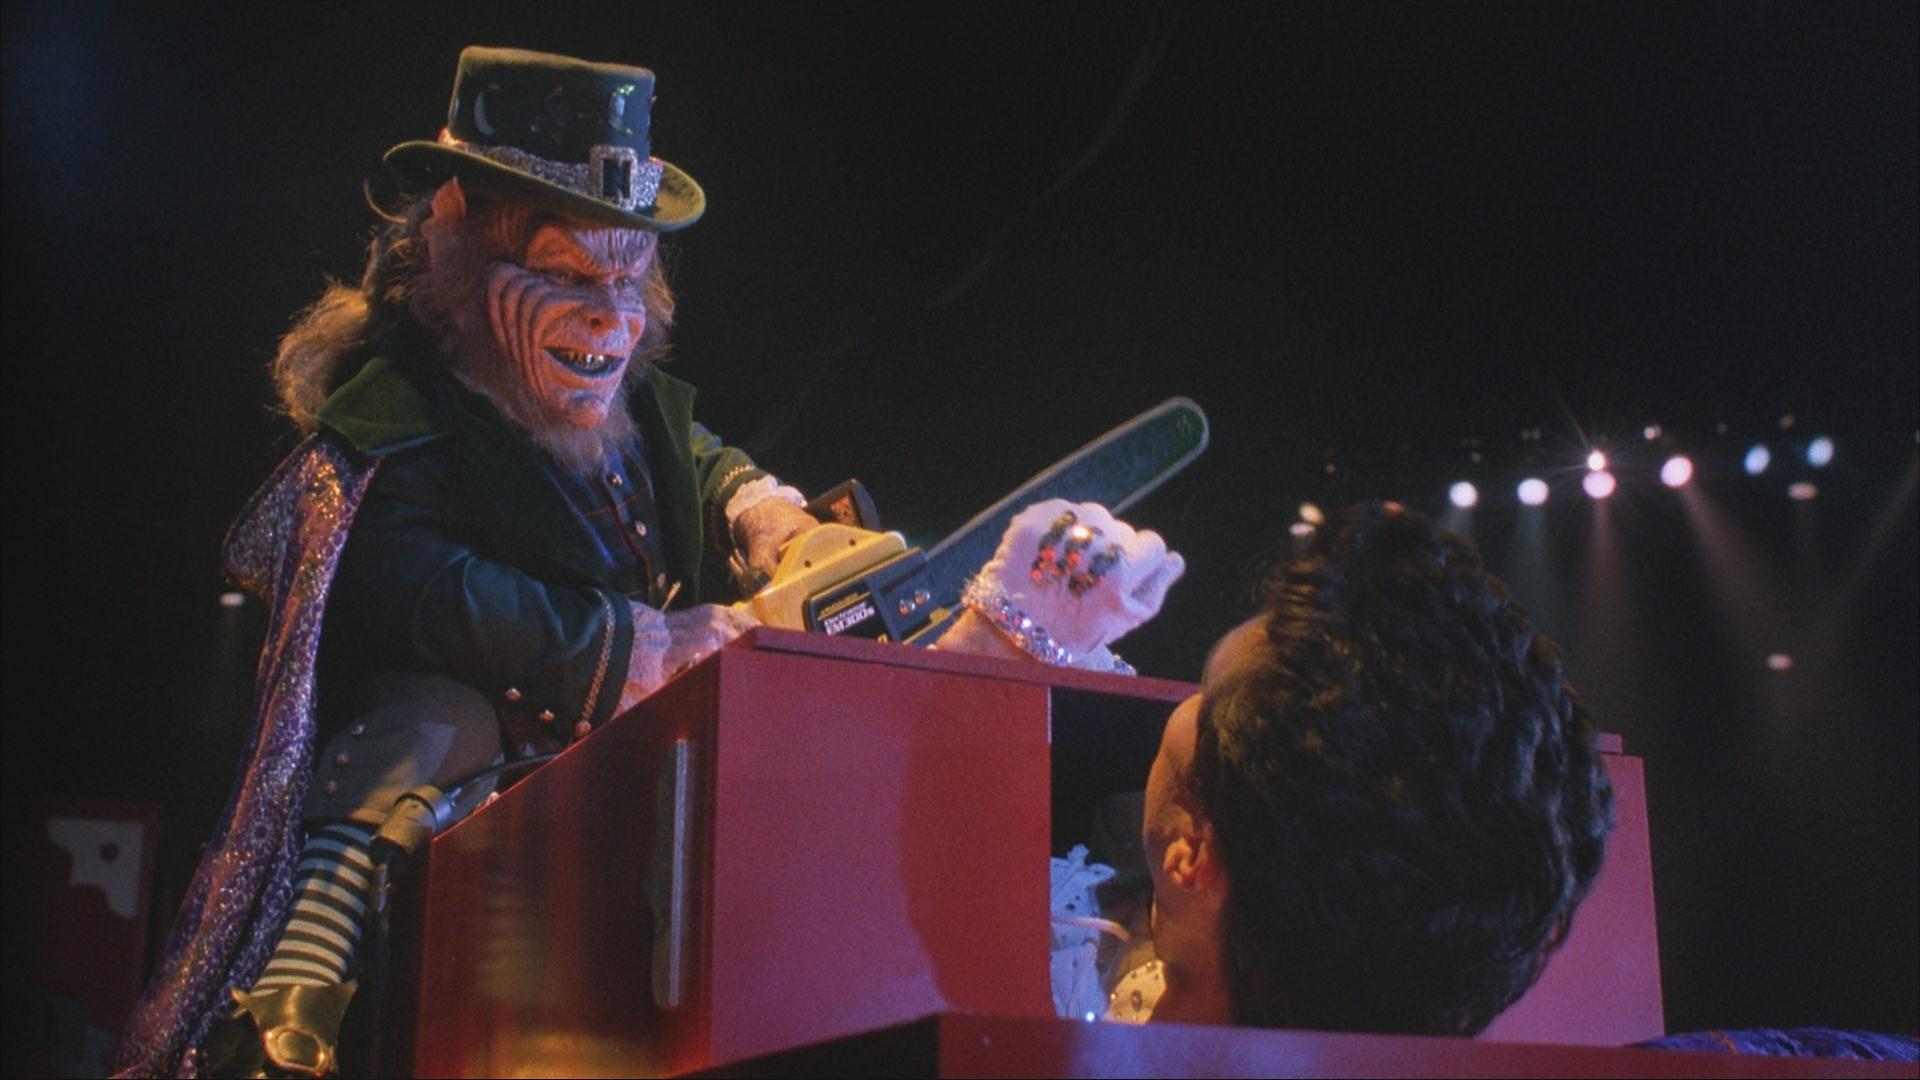 Yêu tinh Leprechaun - Từ thần thoại Ireland trở thành ác nhân phim kinh dị - Hình 3